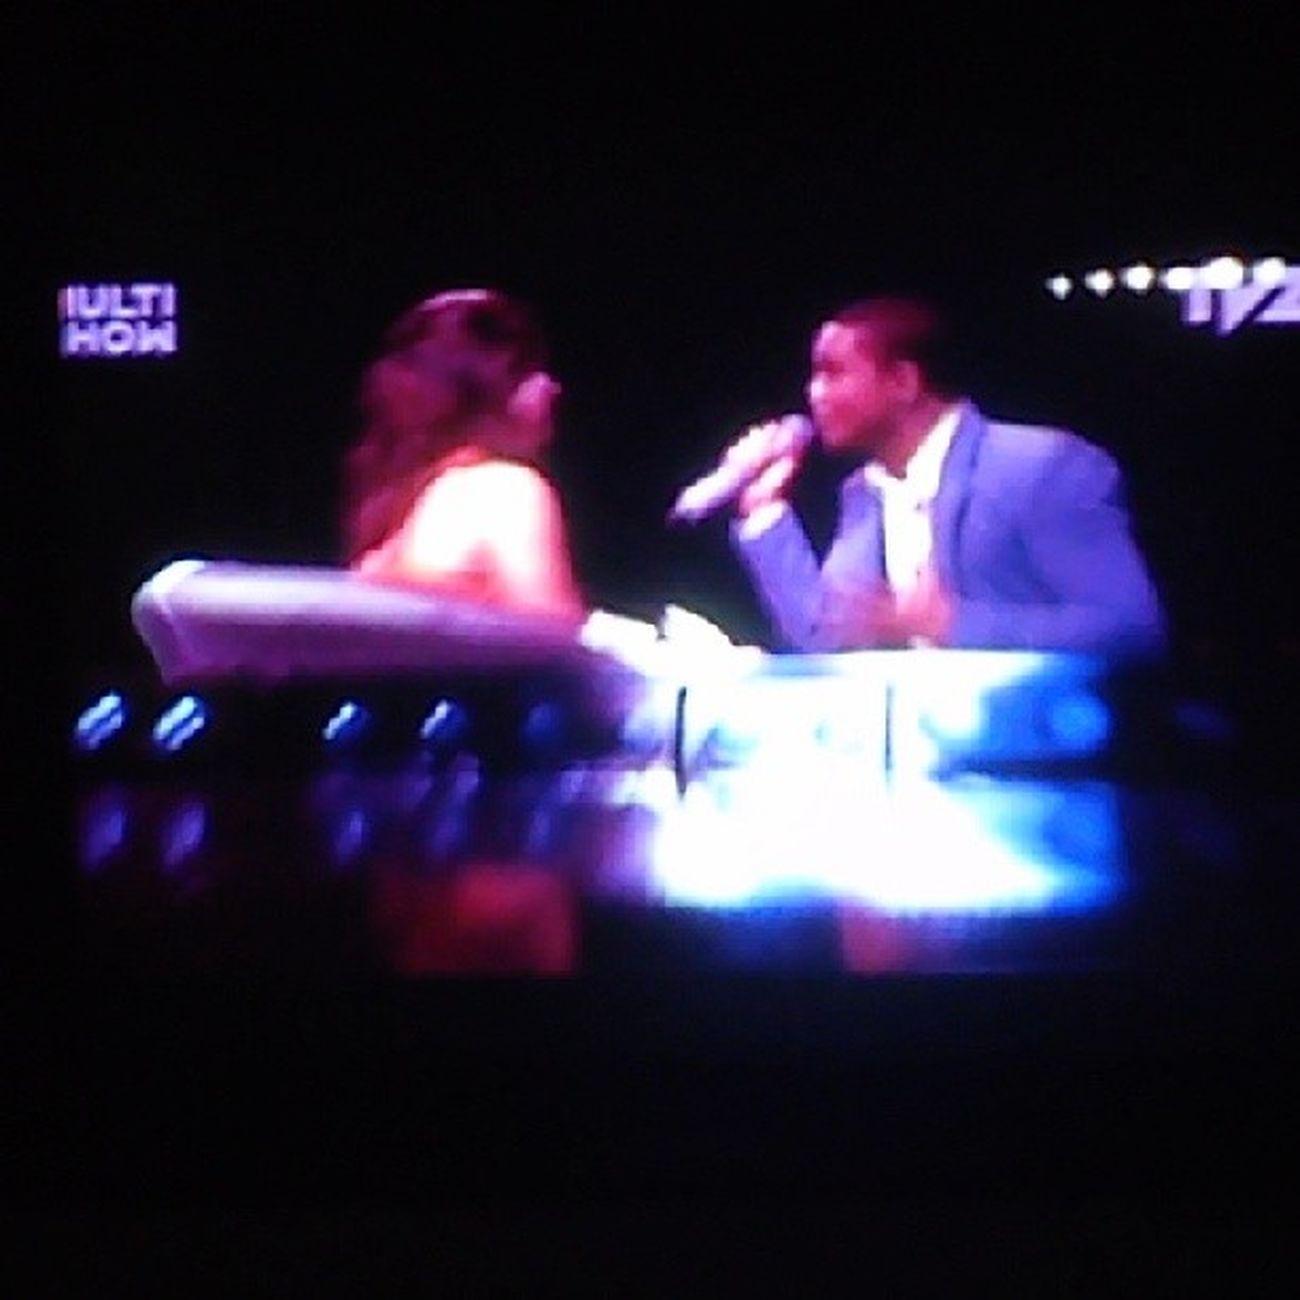 Por que tão fofo esse clipe , amoo tantoo !! Coloquei na Multishow na hora certa !! Naofuihomem Imaginasamba TVZ pagode romântico fofo perfeito